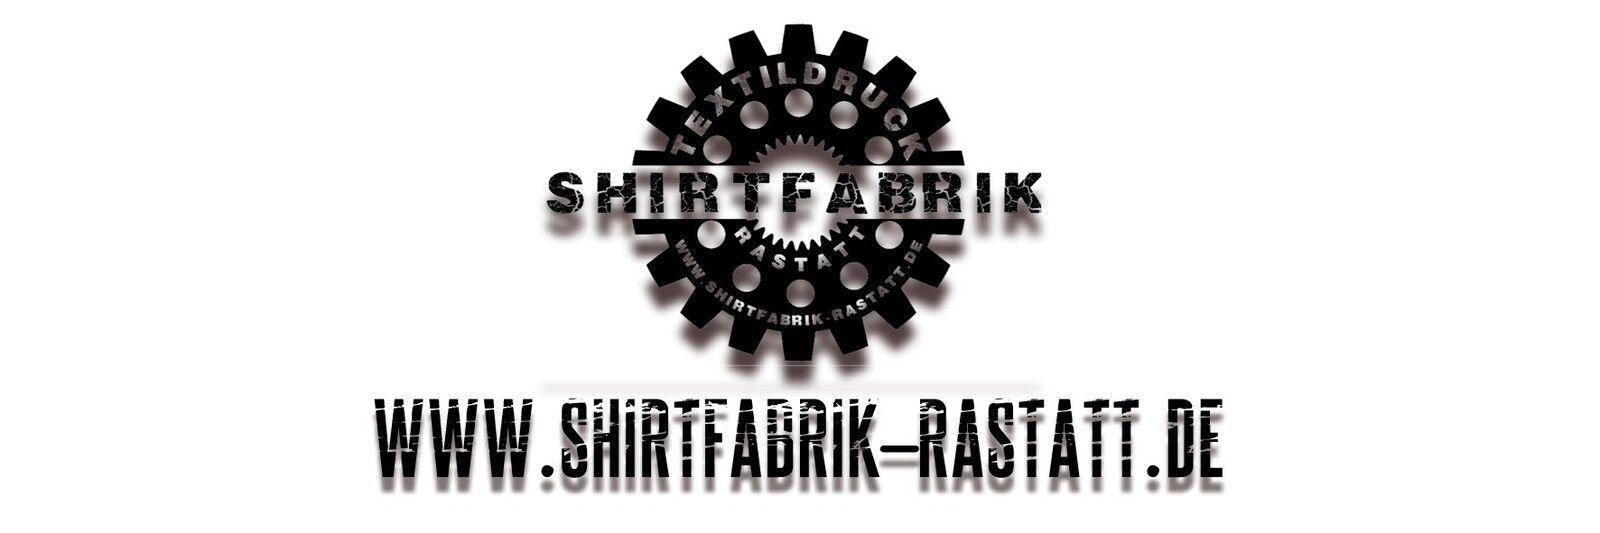 SHIRTFABRIK-RASTATT